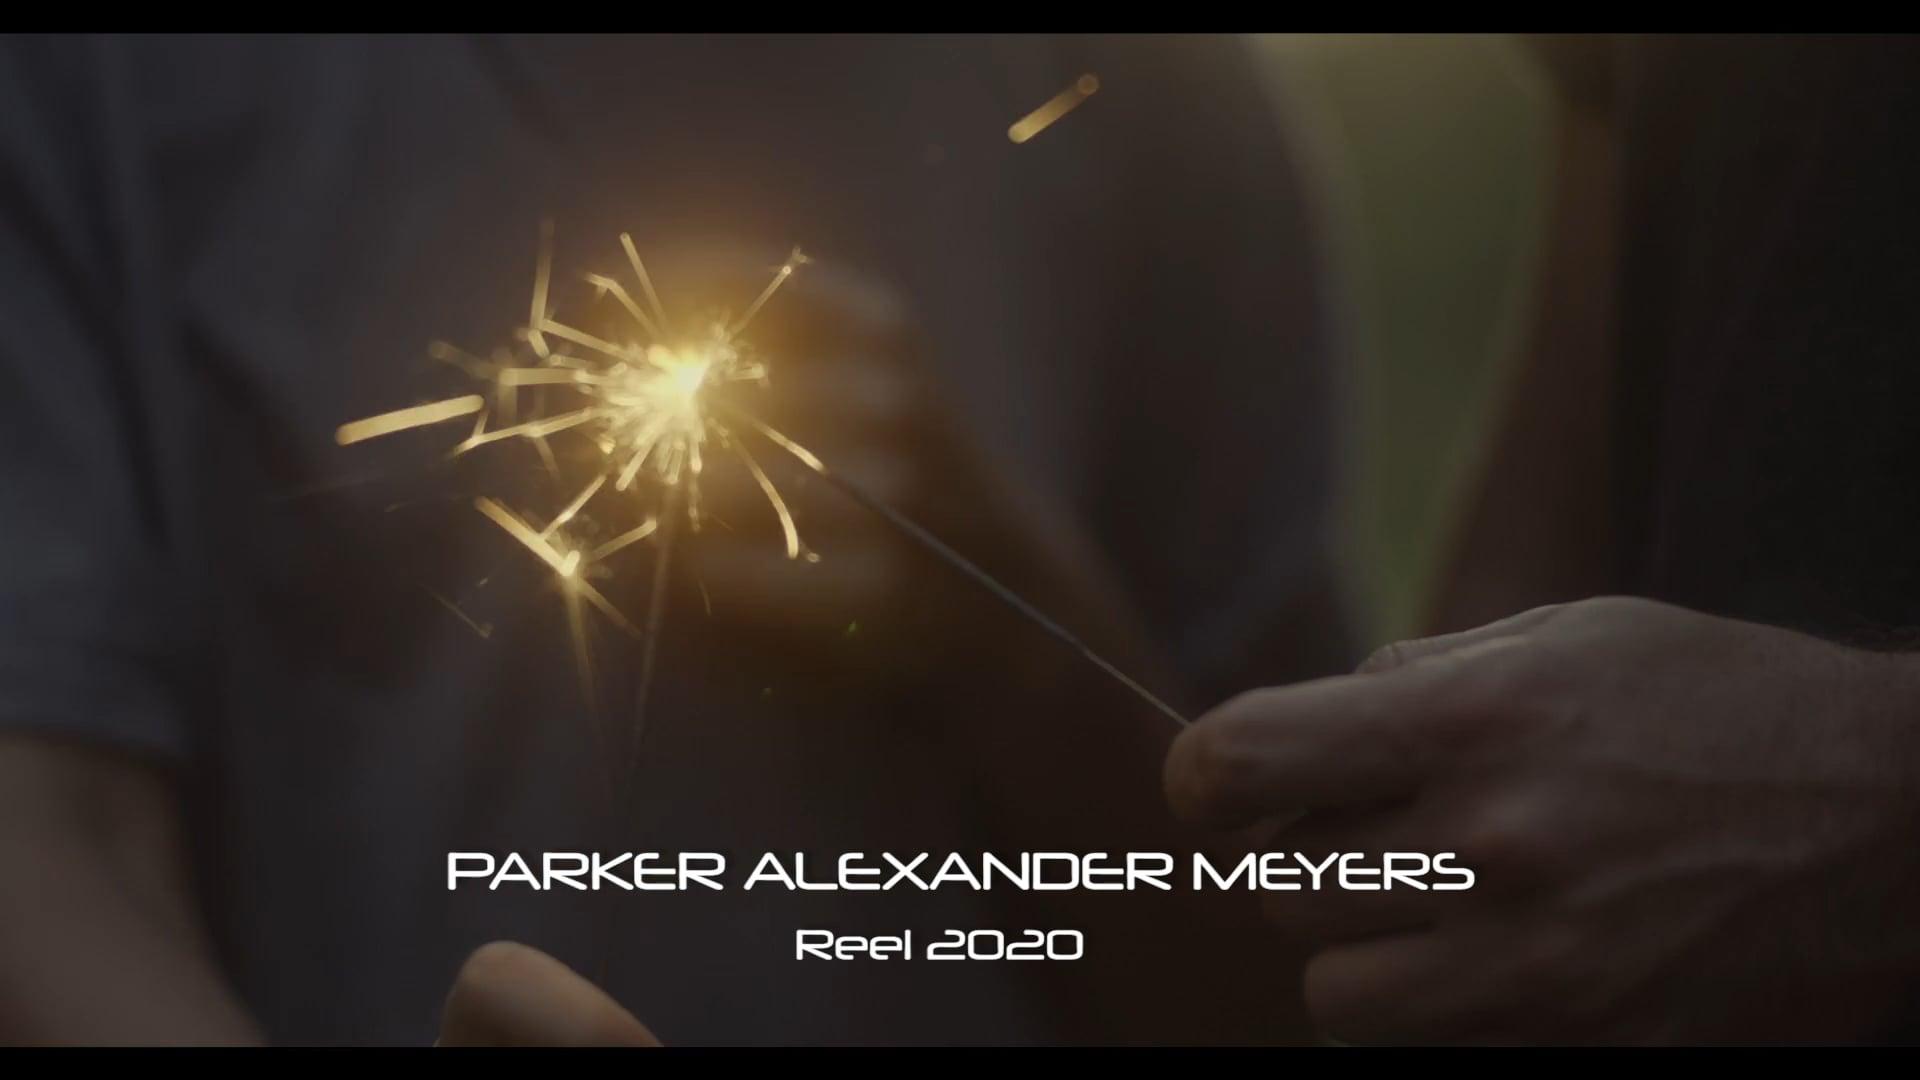 Parker Alexander Meyers Reel 2020